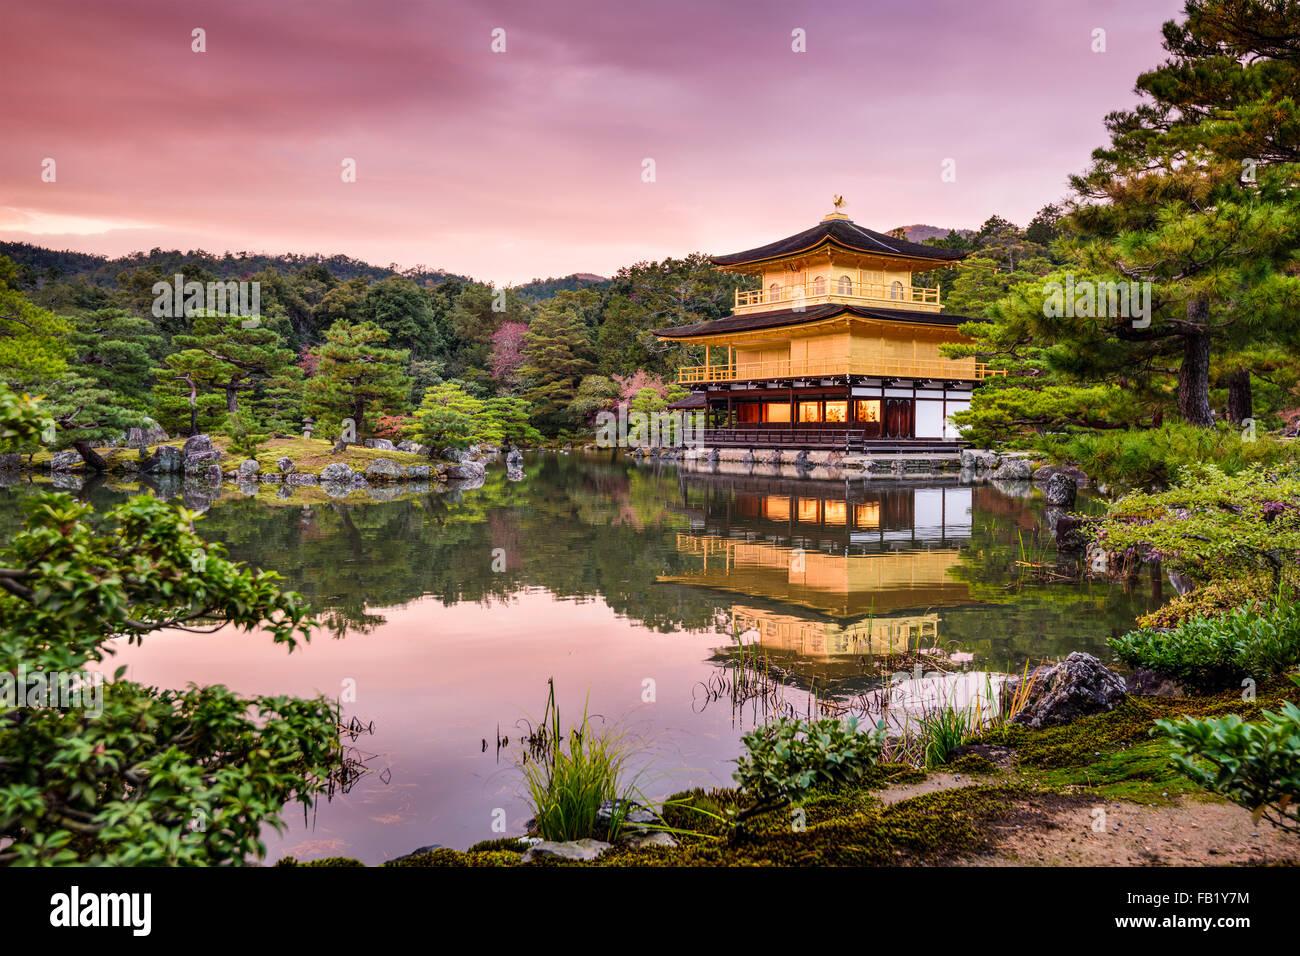 Kyoto, au Japon, au pavillon d'or au crépuscule. Photo Stock